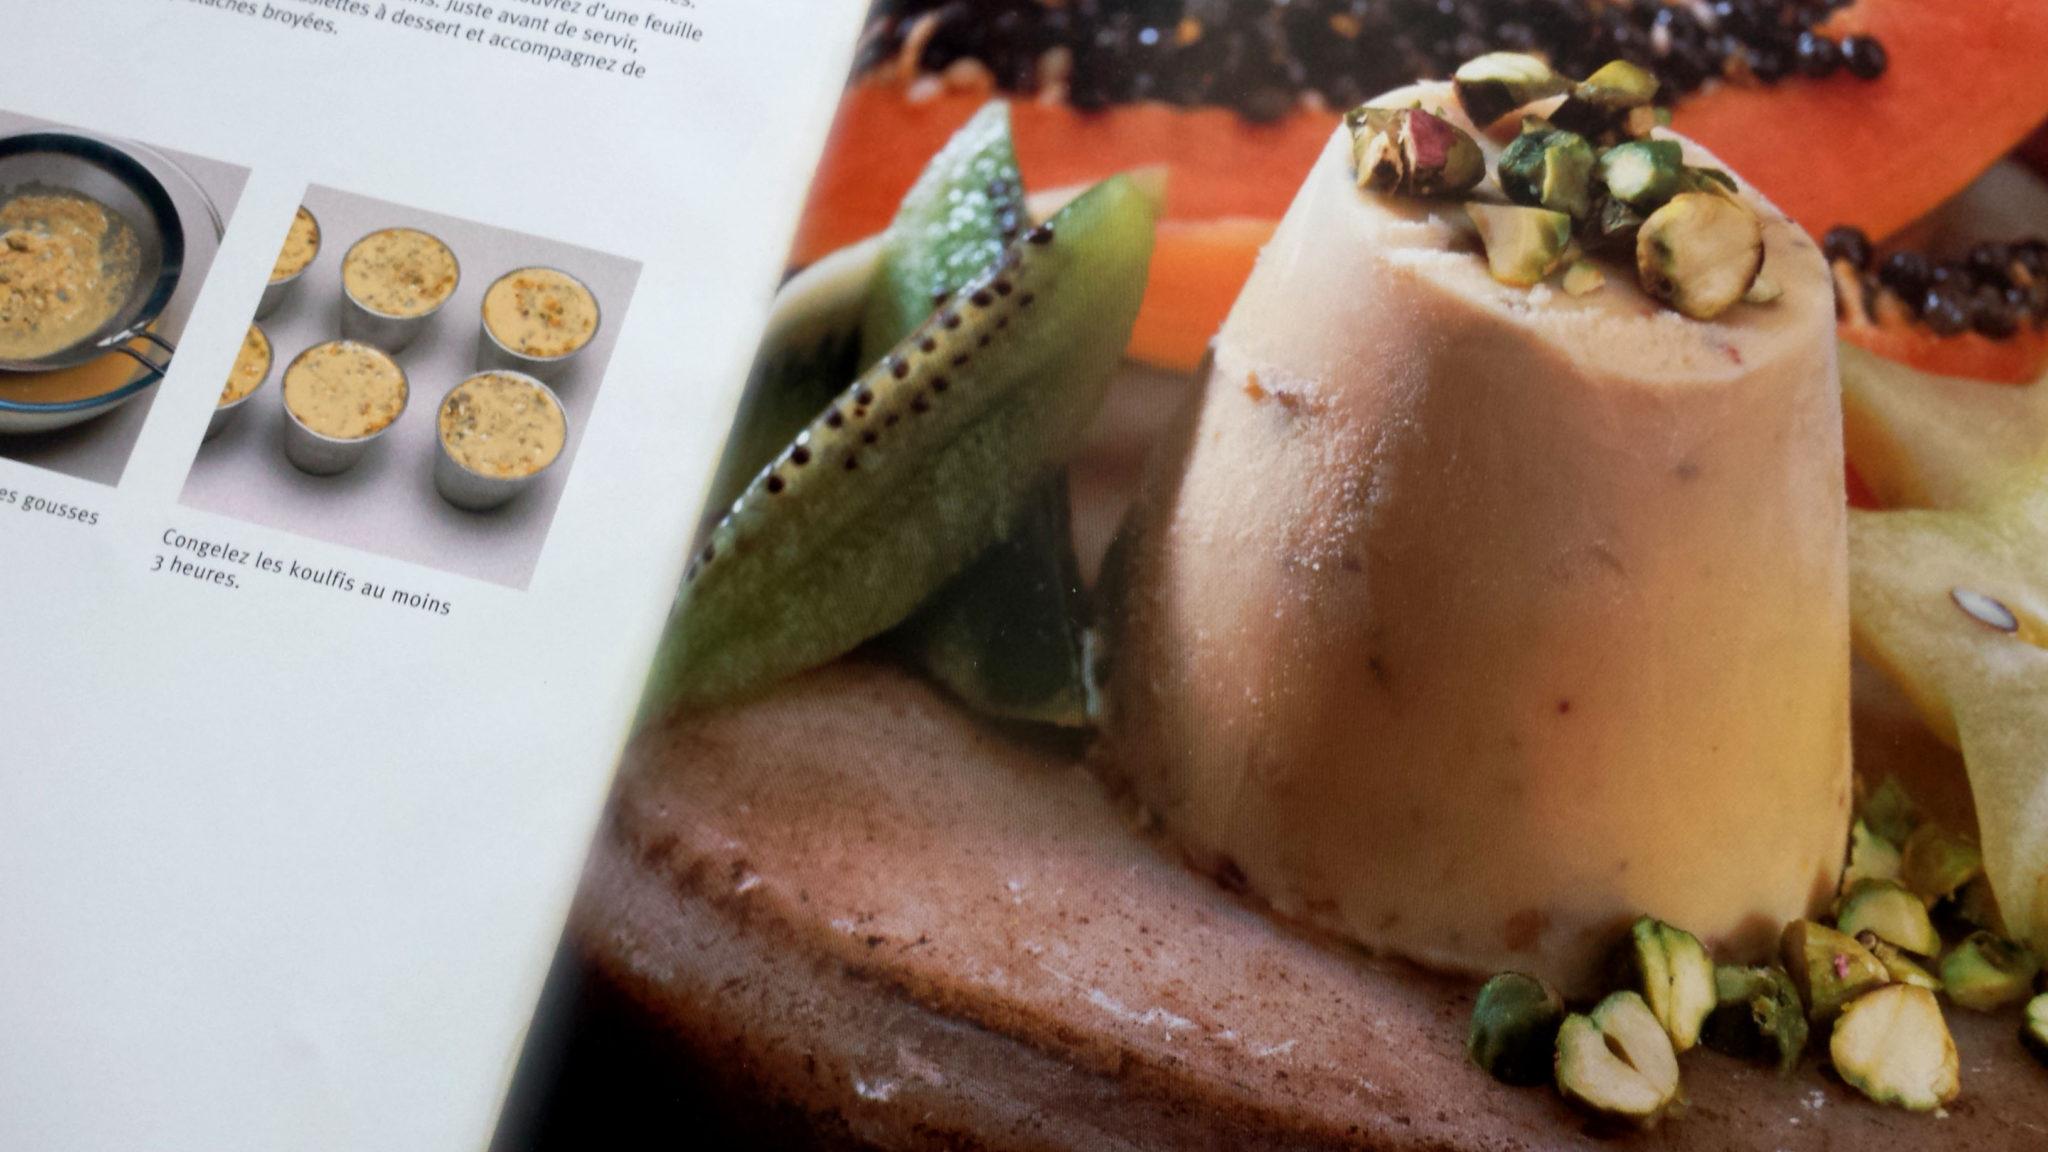 Tiré d'une ancienne édition de Cuisine Indienne aux éditions Marabout